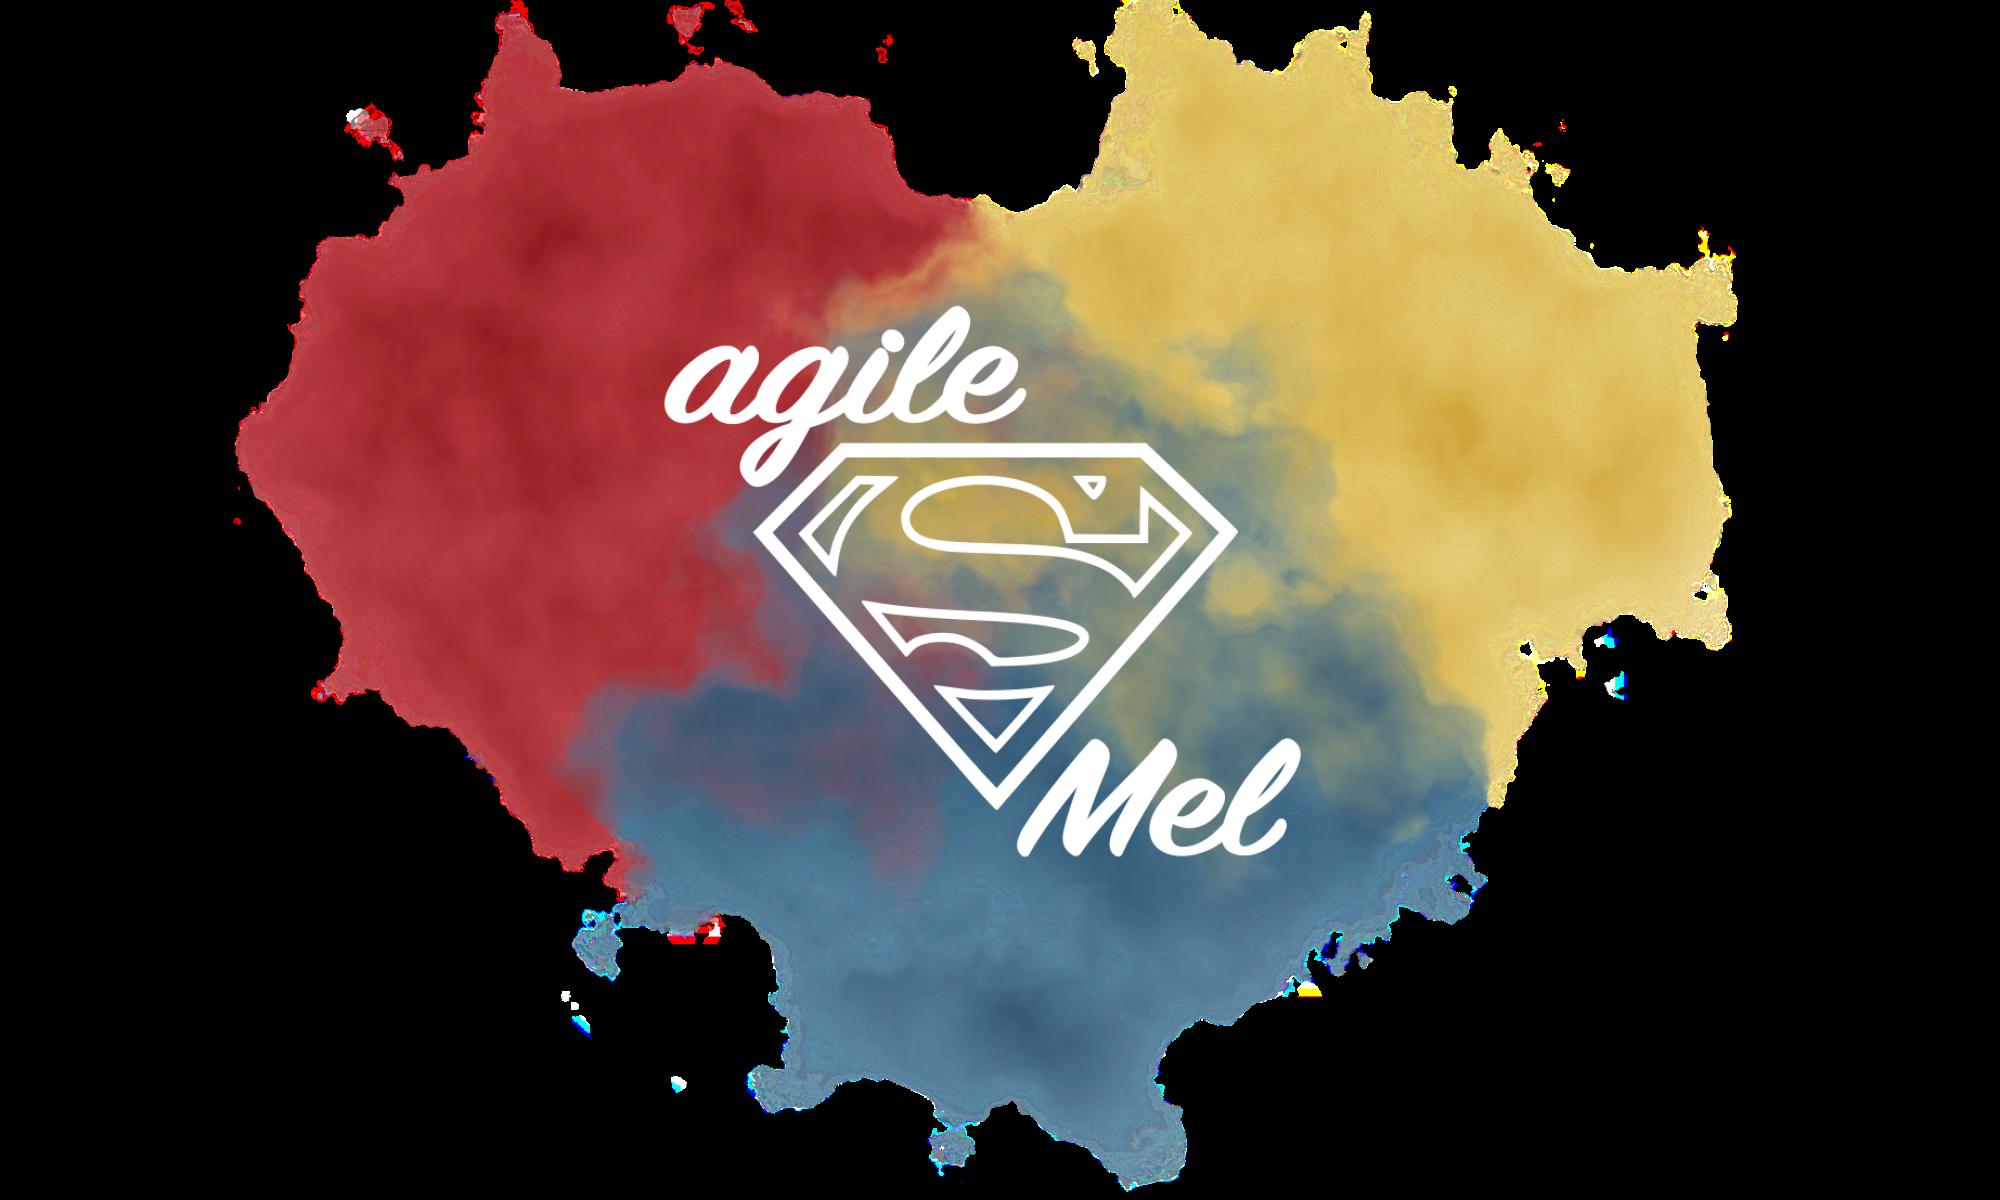 agileSuperMel